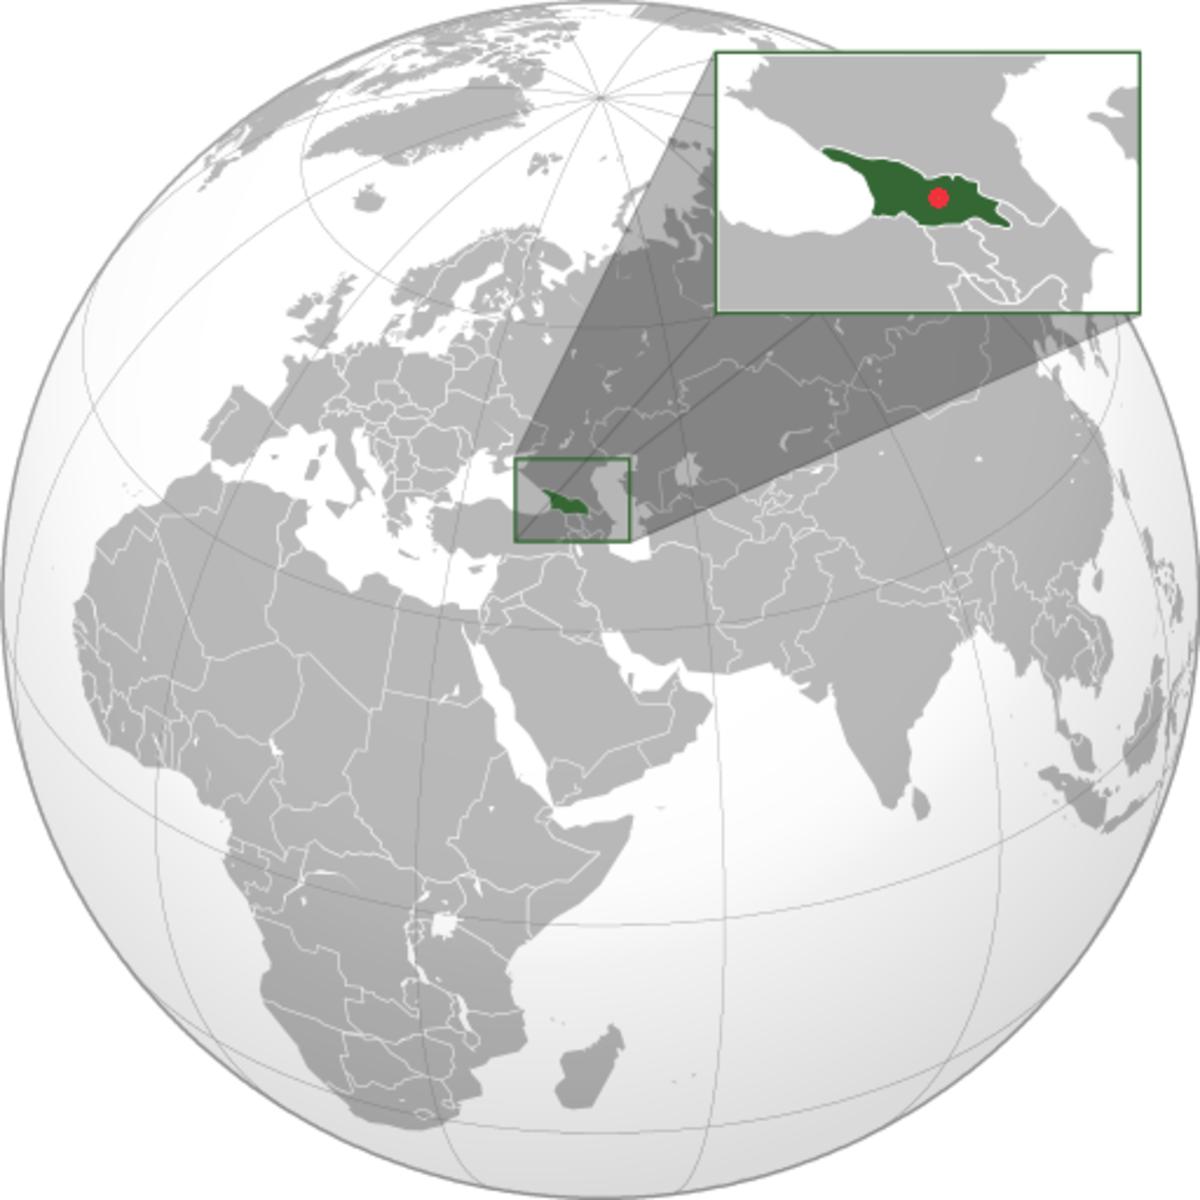 Stalin was born in Gori (red dot), in Georgia (green), in the Tsarist Russian Empire.